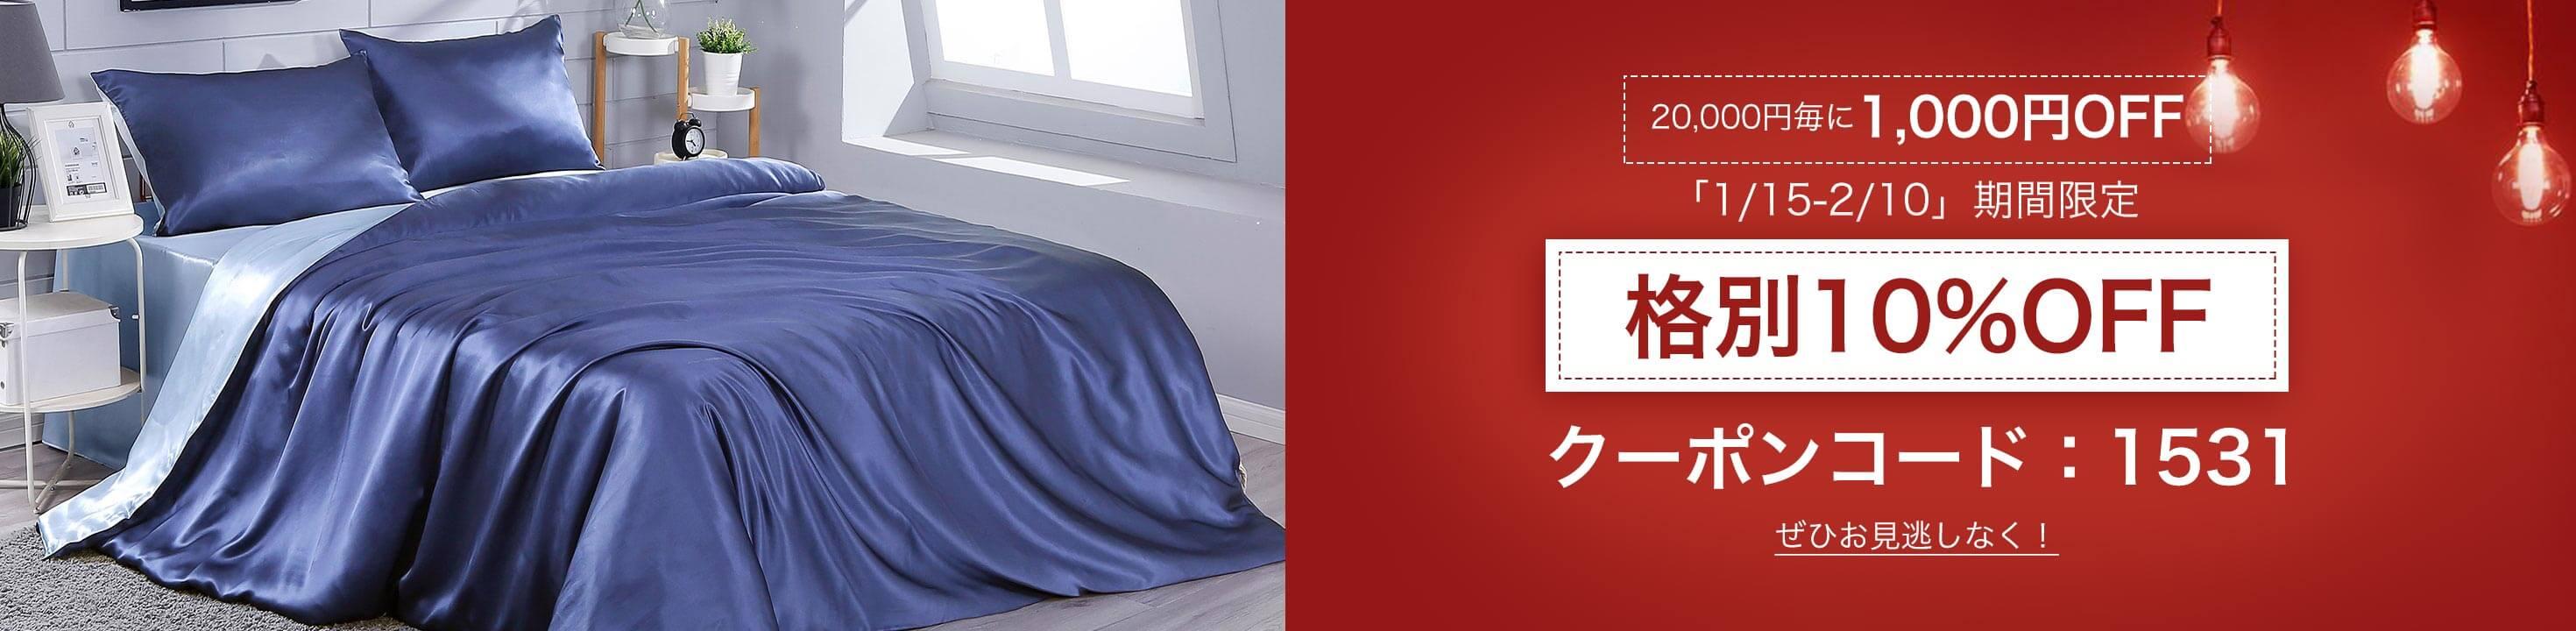 シルク寝具カバーセット組合わせ自由